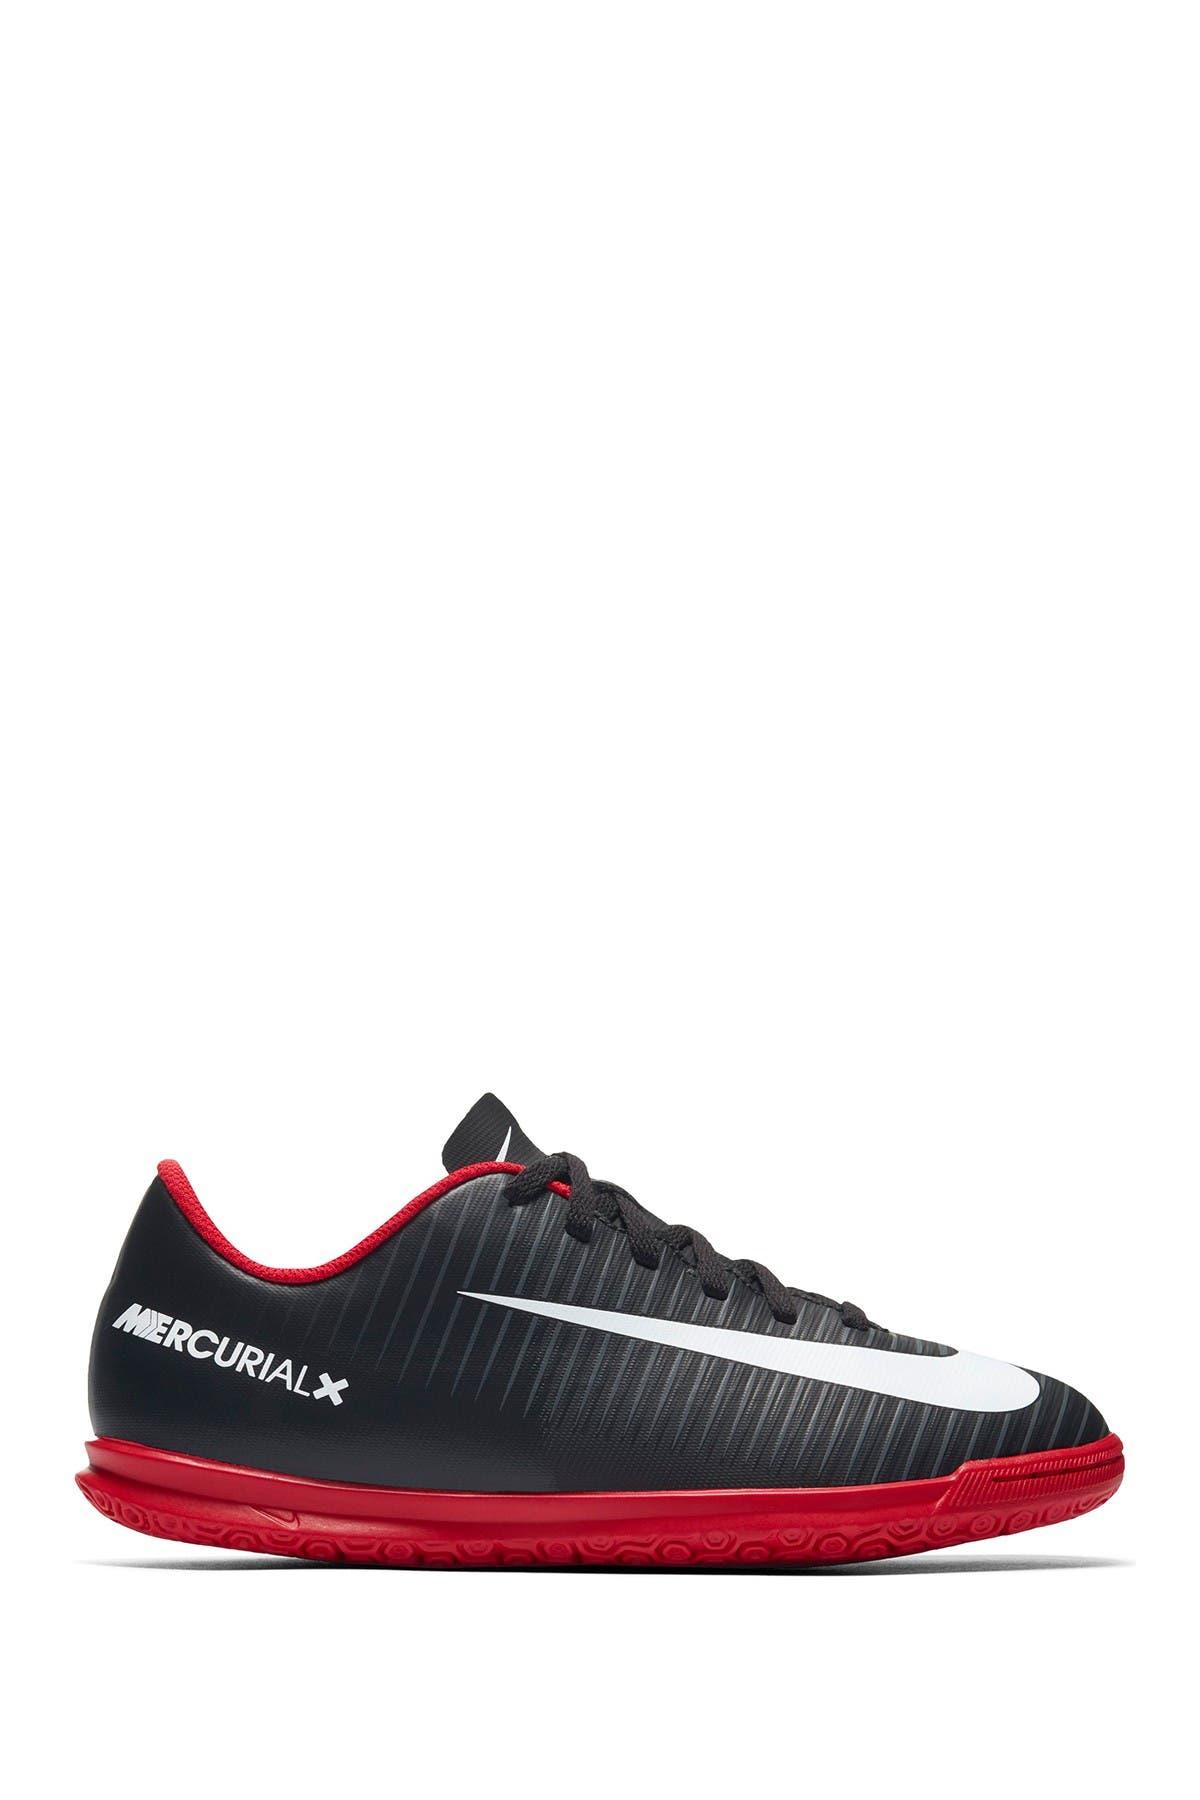 Image of Nike JR Mercurial Vortex III Sneaker